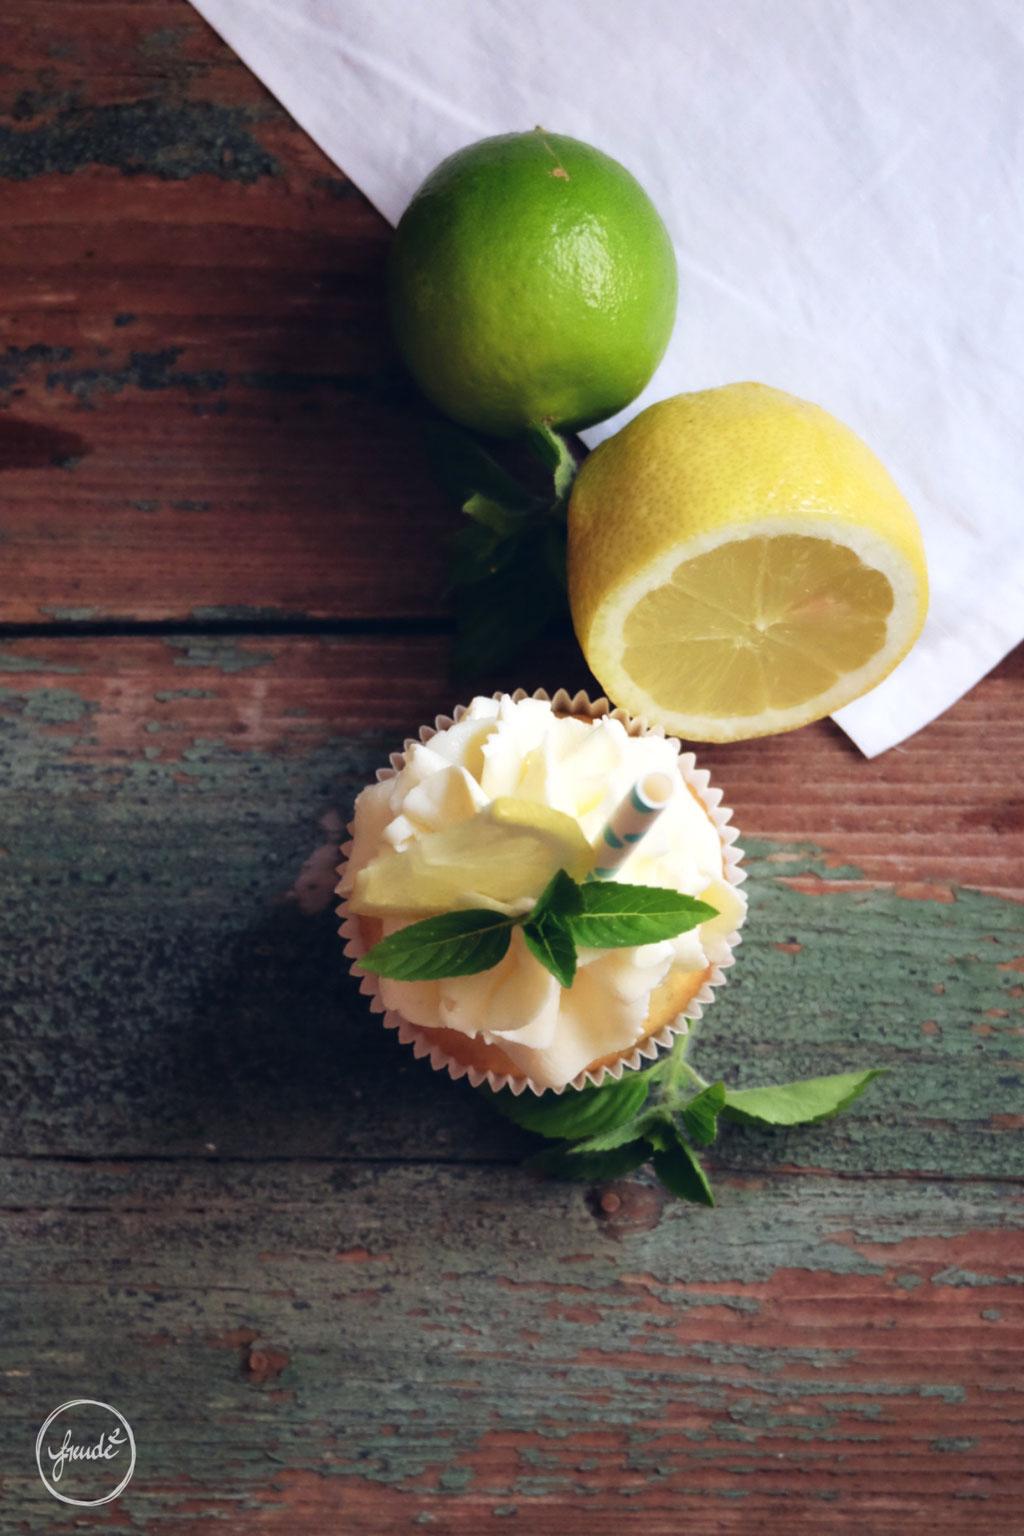 Zitronen Cupcakes mit frischen Garten Kräutern  | Freude ²